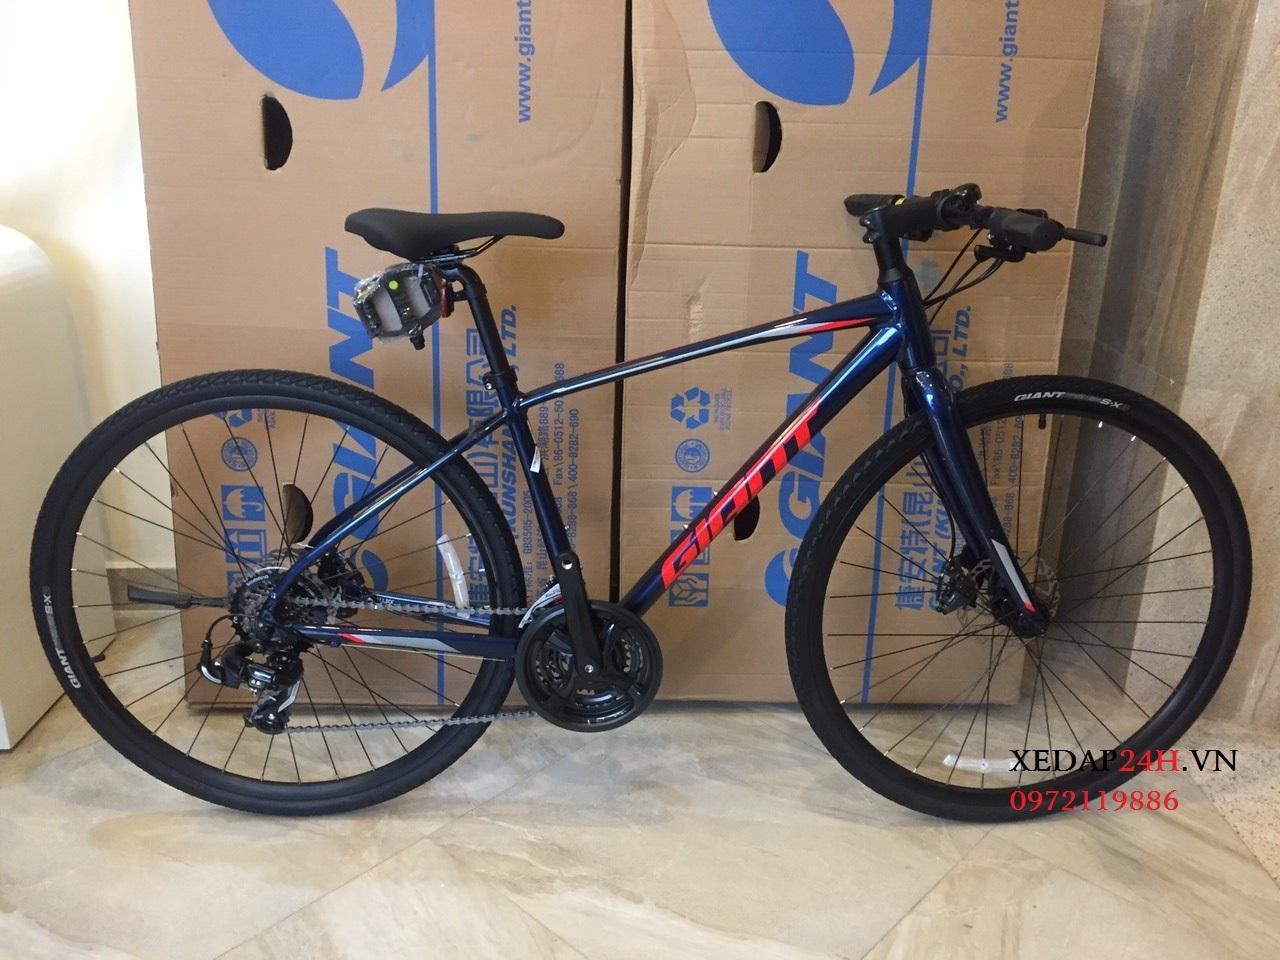 Mua xe đạp thể thao đường phố GIANT ESCAPE 2 2020